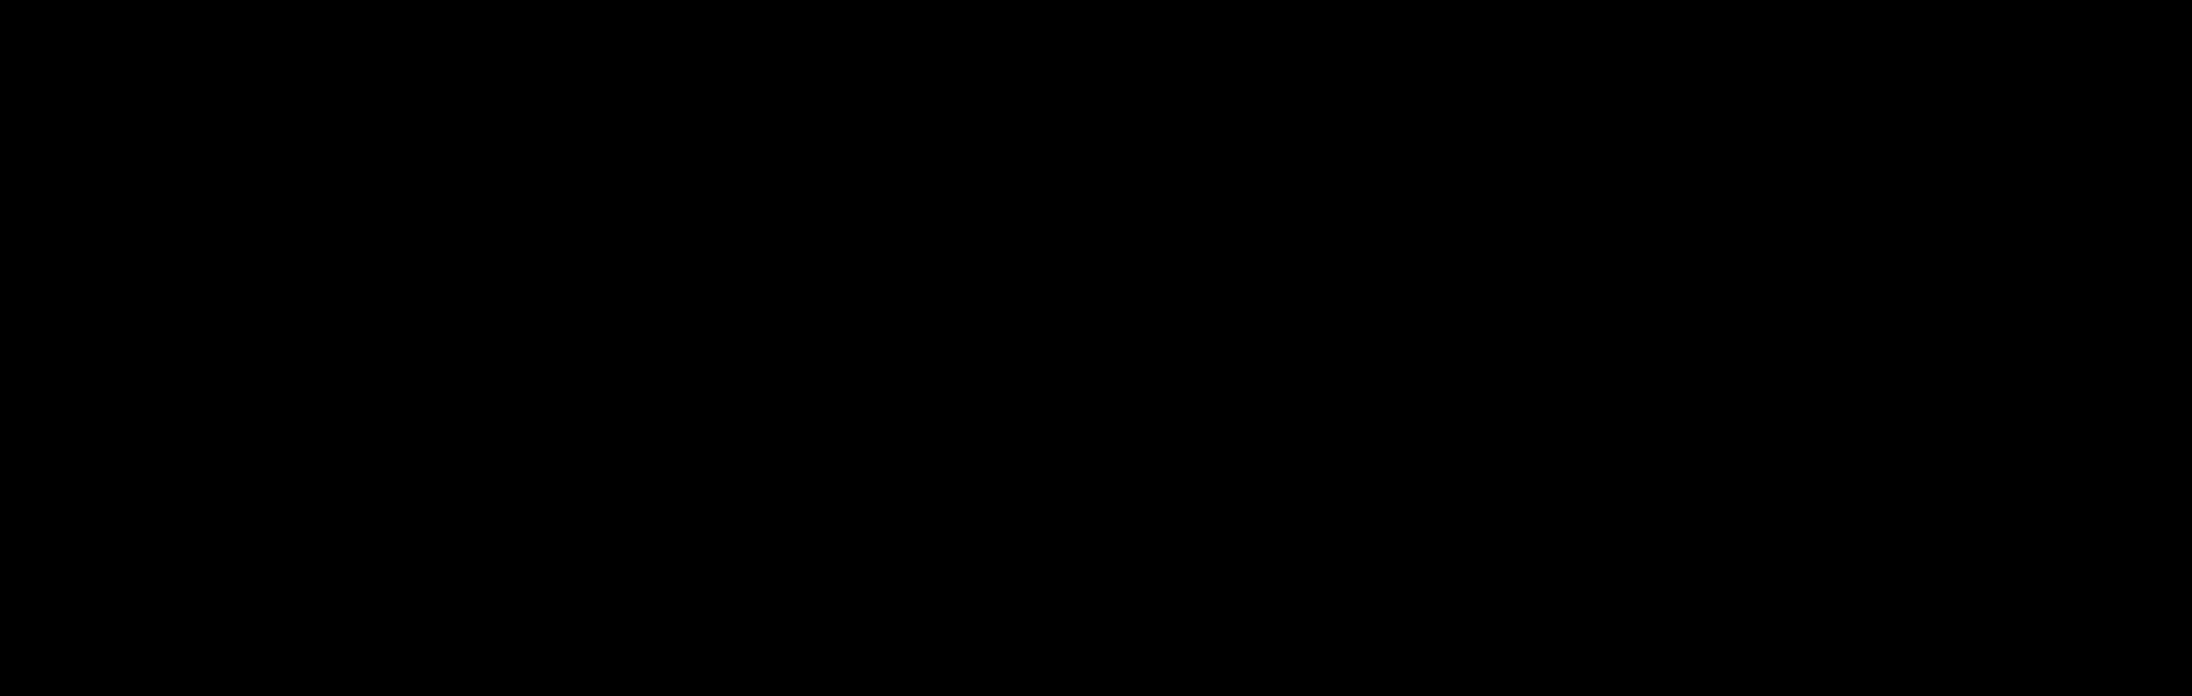 N-Octyl-N